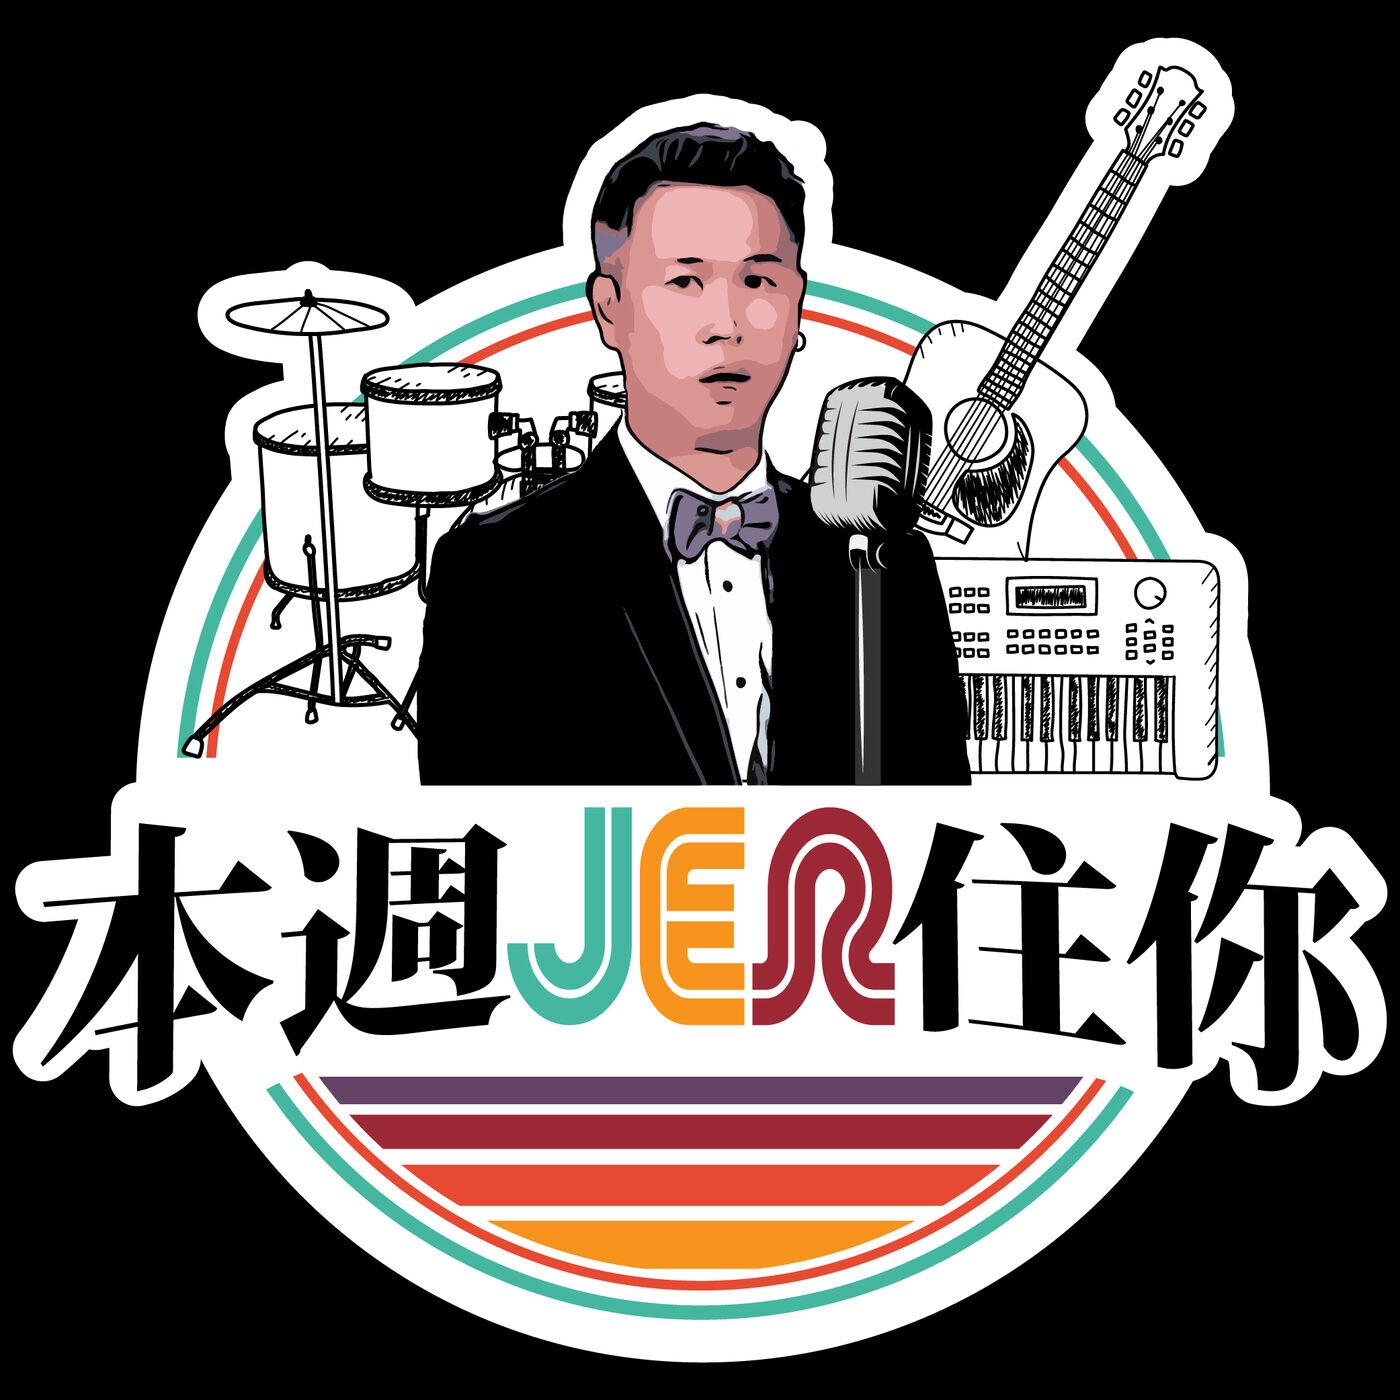 本周Jer住你 EP24: Jerald 擔任台灣金曲獎評審